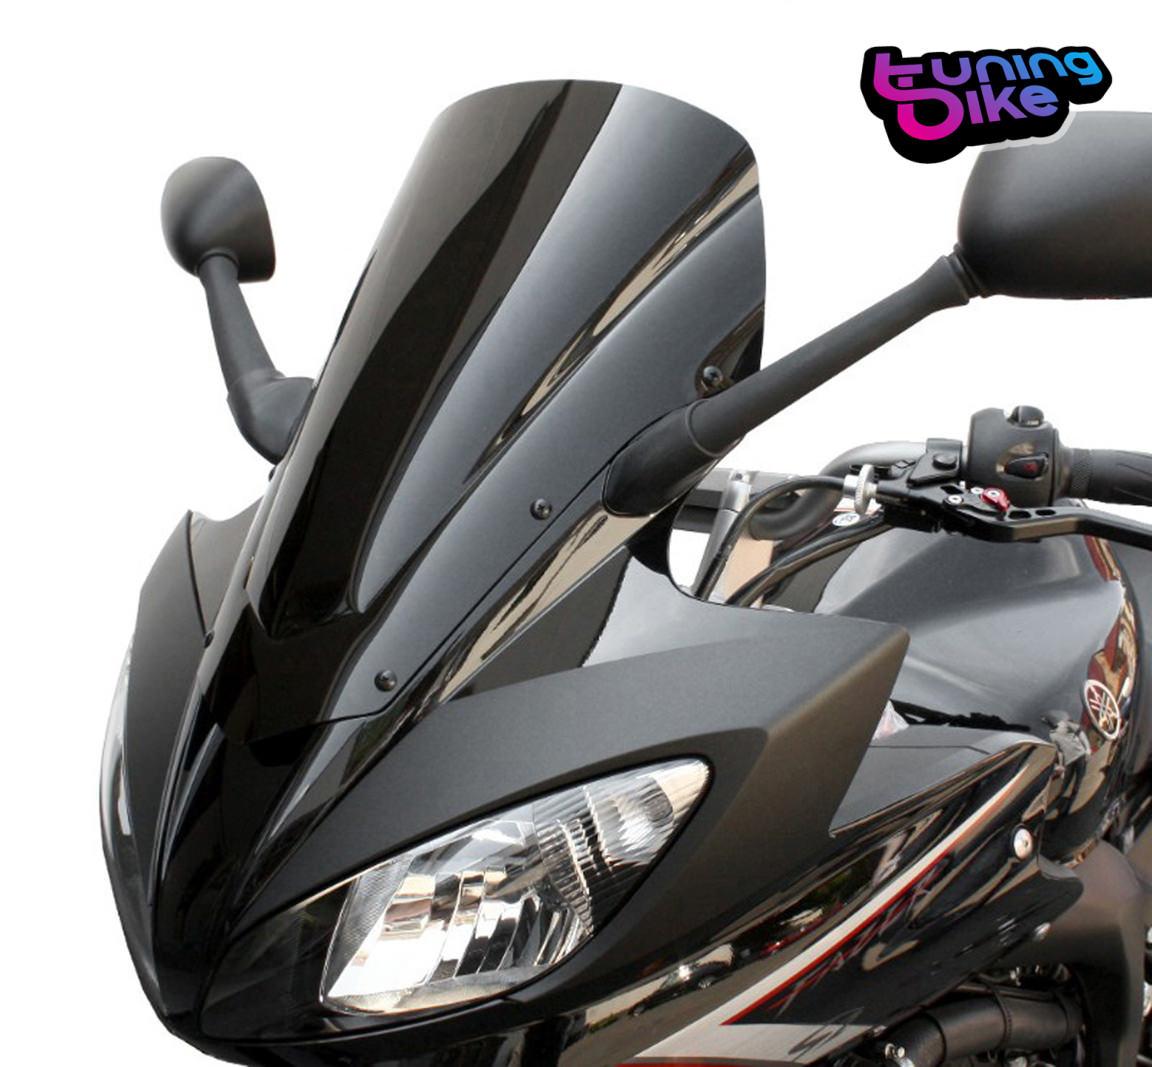 bulle racing puig pour yamaha fz6 fazer s2 annee 2007 couleur noir ebay. Black Bedroom Furniture Sets. Home Design Ideas